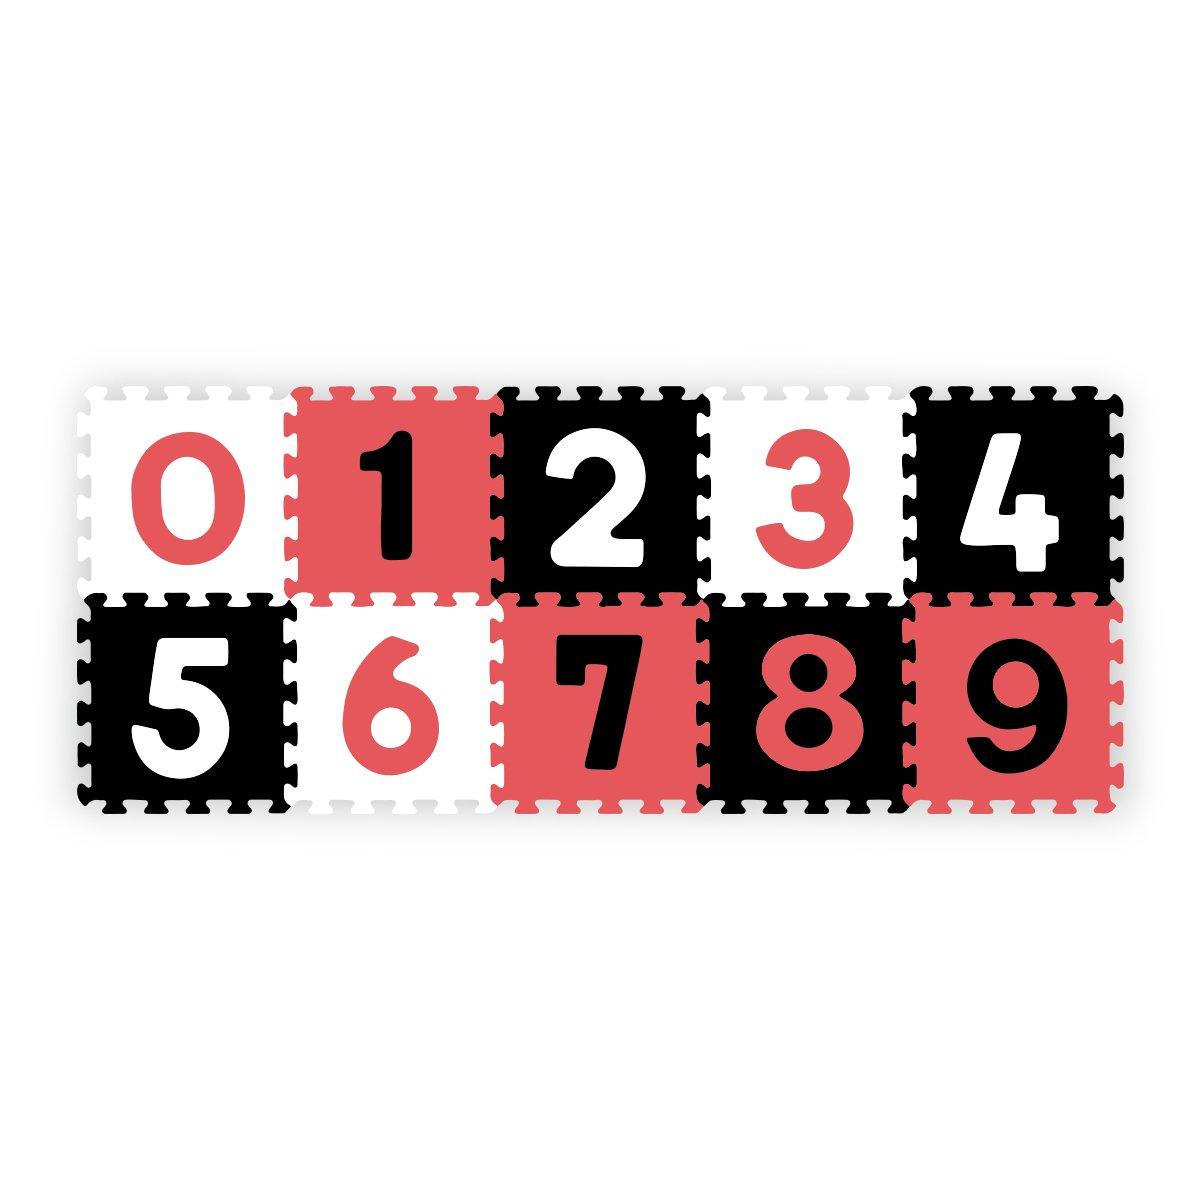 Pìnové puzzle pìnové 30x30 cm 10 ks èísla èerveno èerno bílá